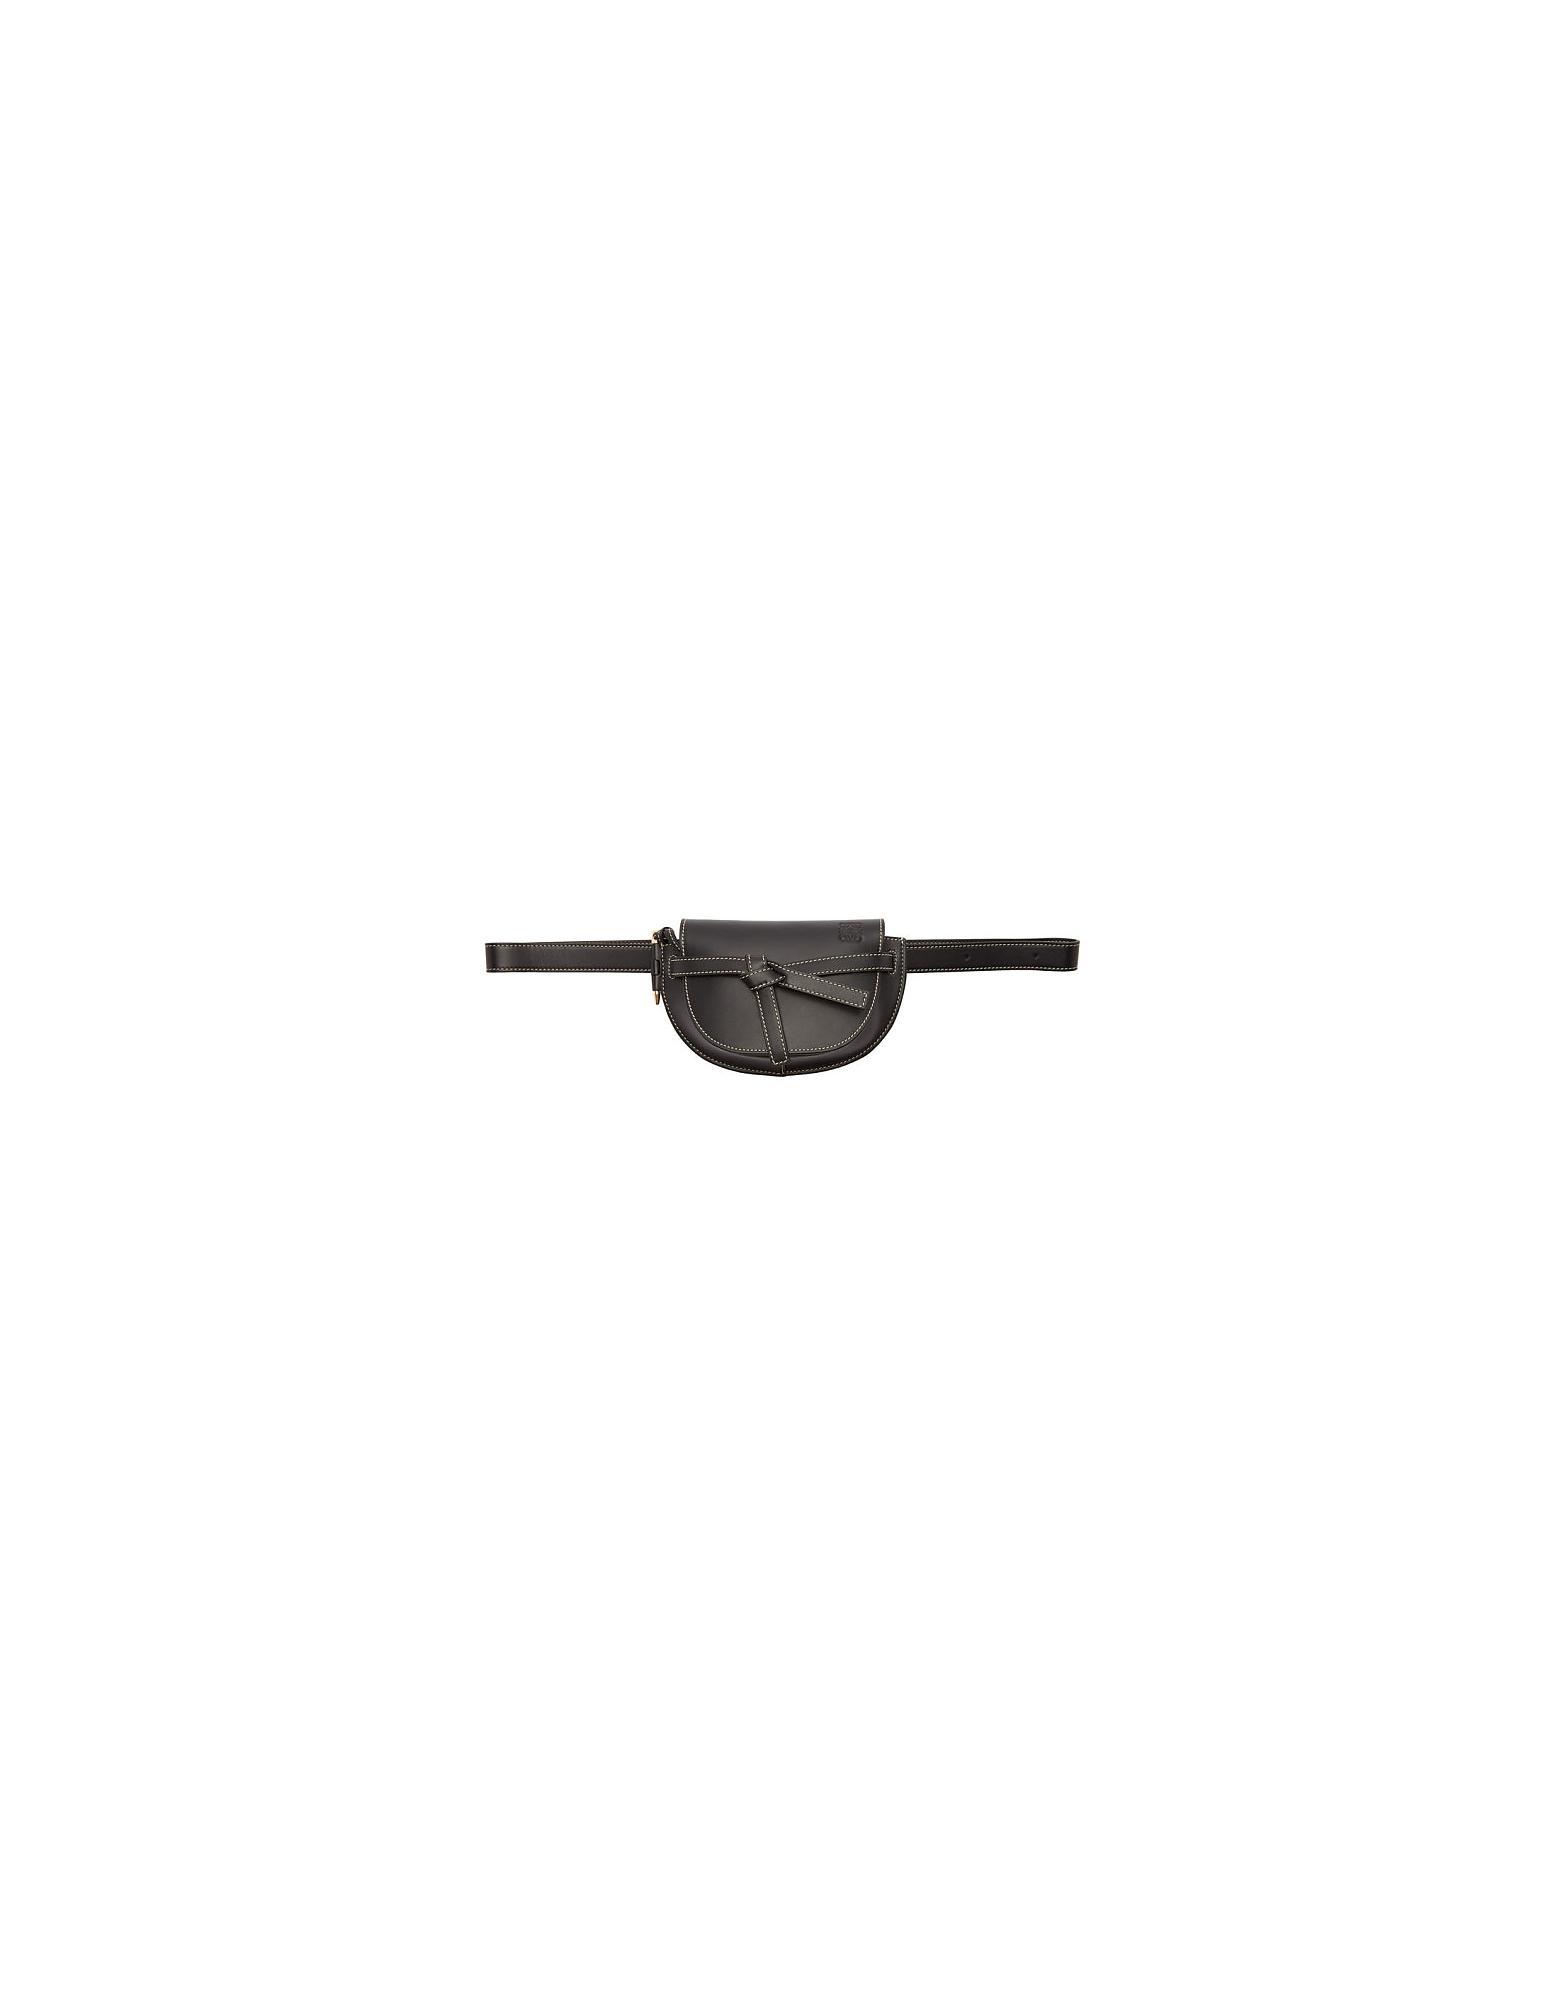 Loewe Designer Handbags, Black Mini Gate Bum Bag